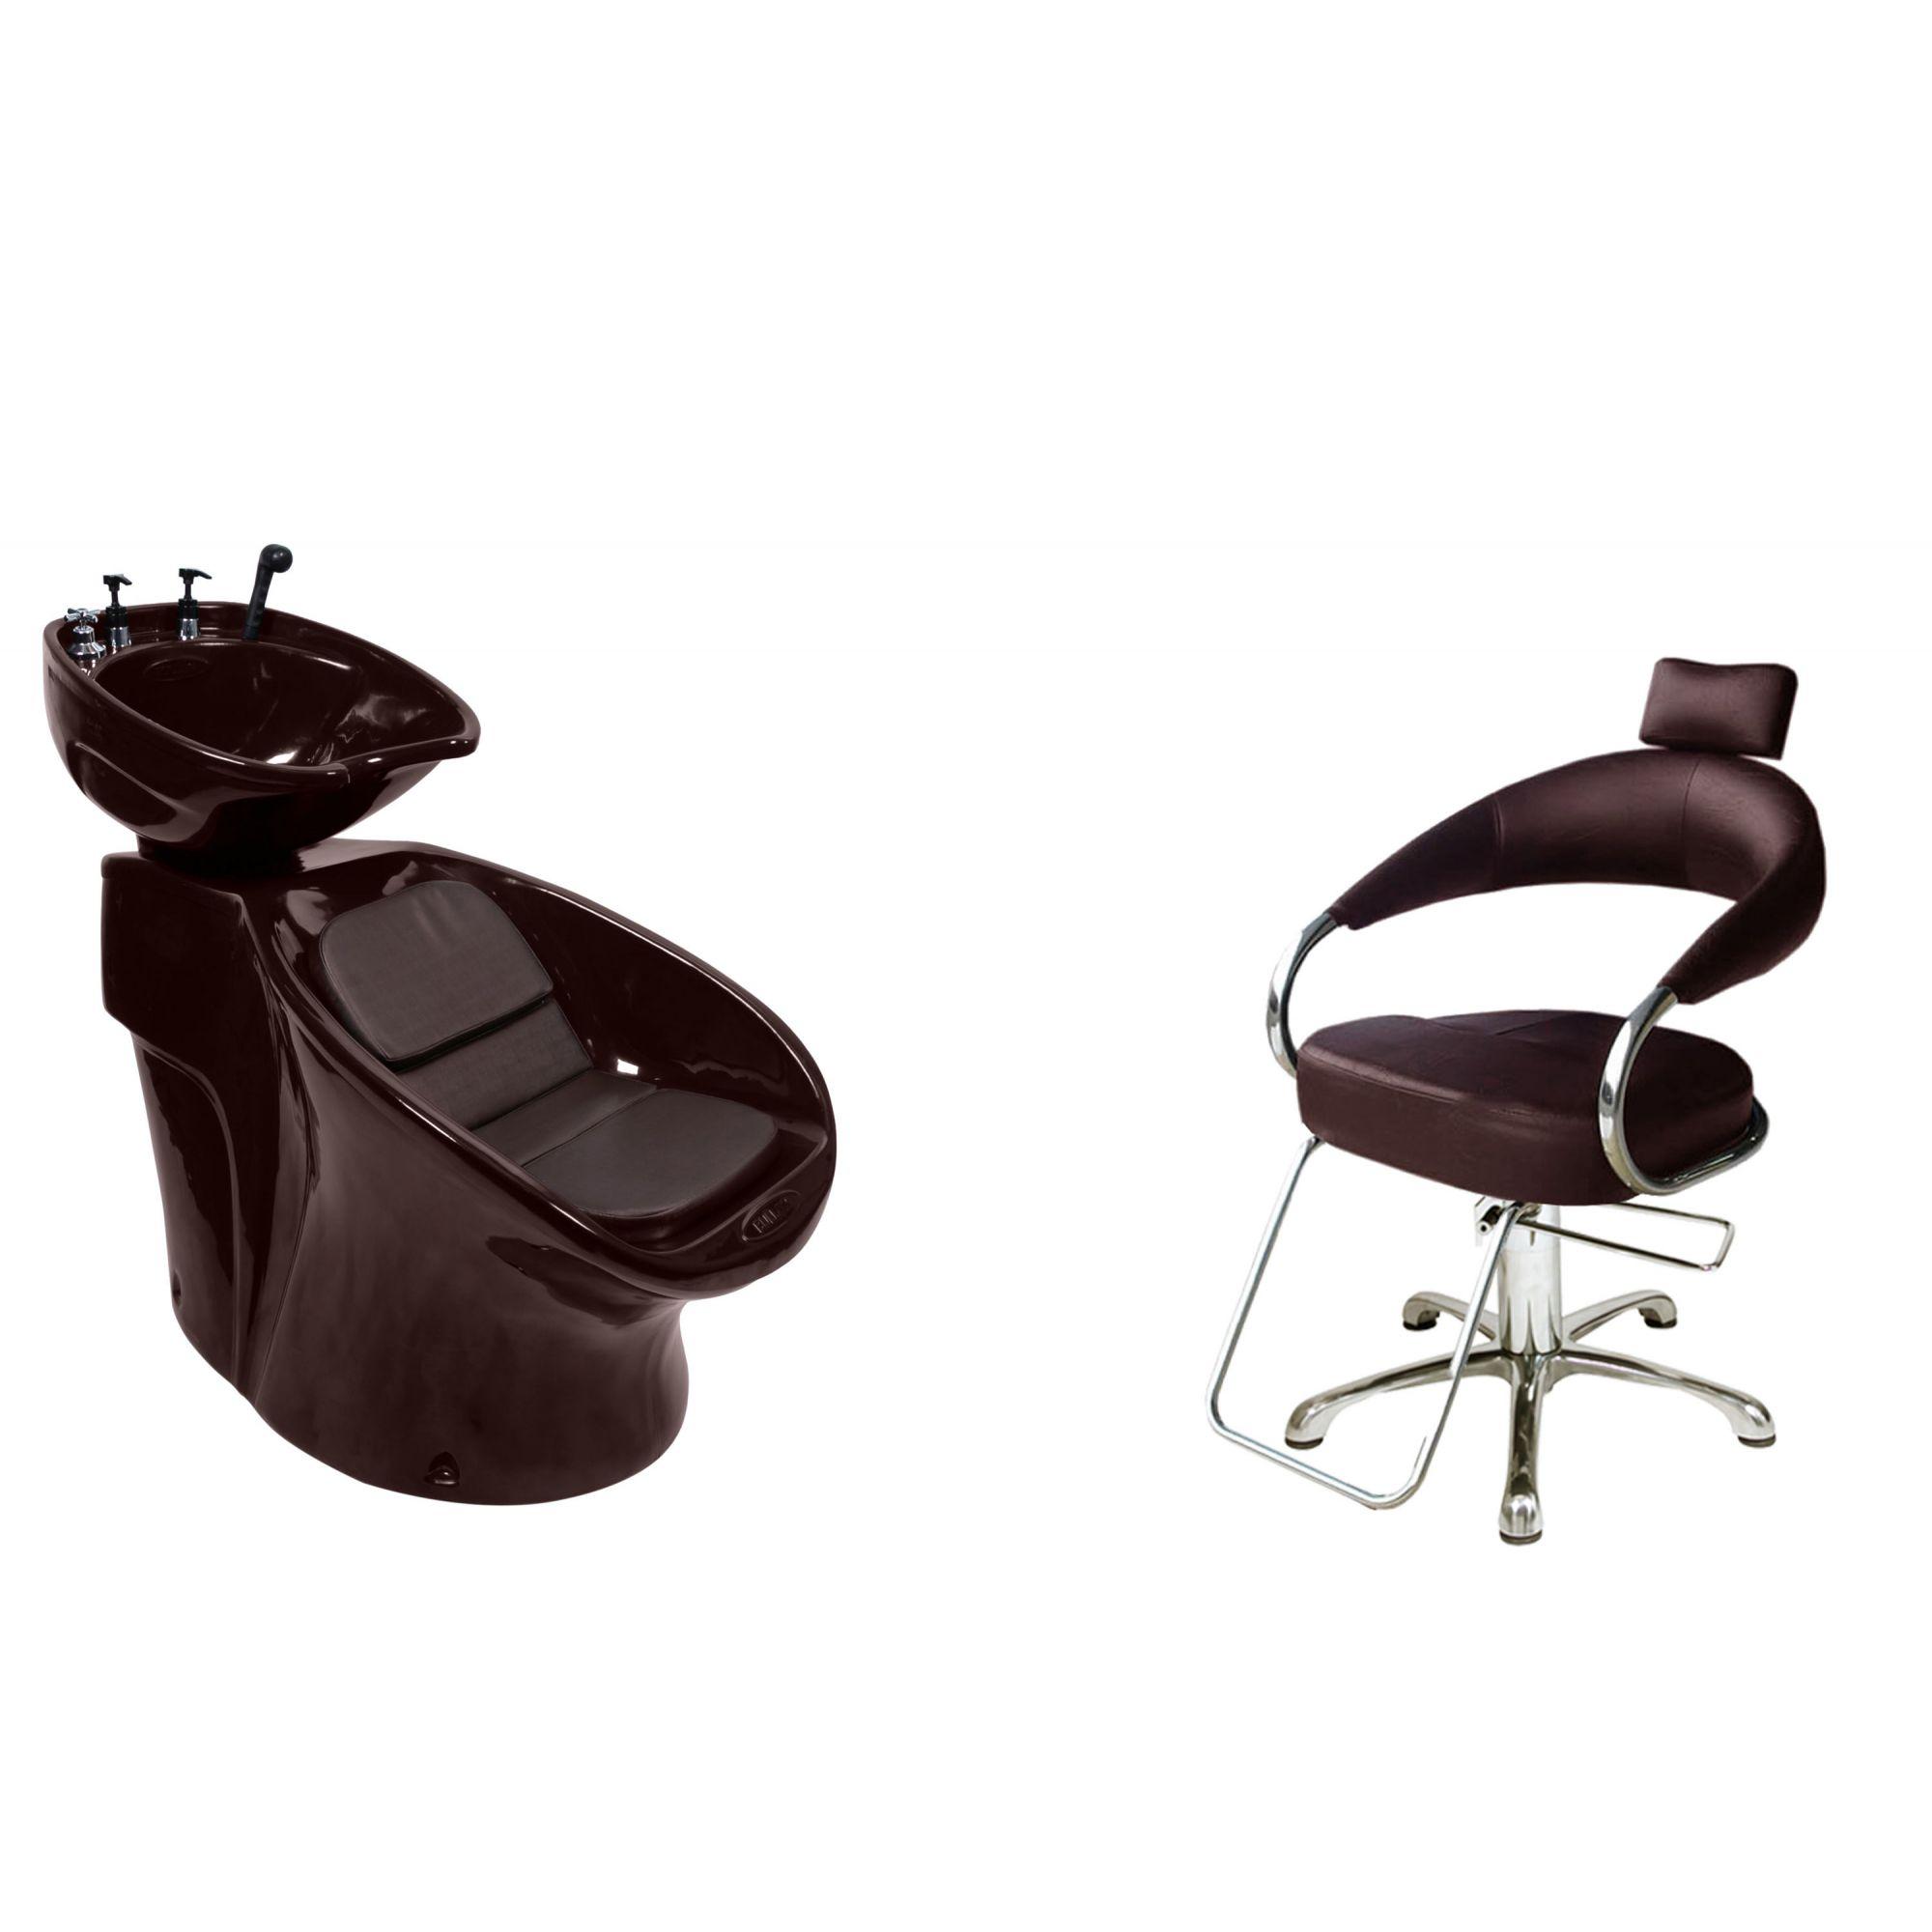 Lavatório Neon Shampoo + Cadeira Hidráulica Futurama